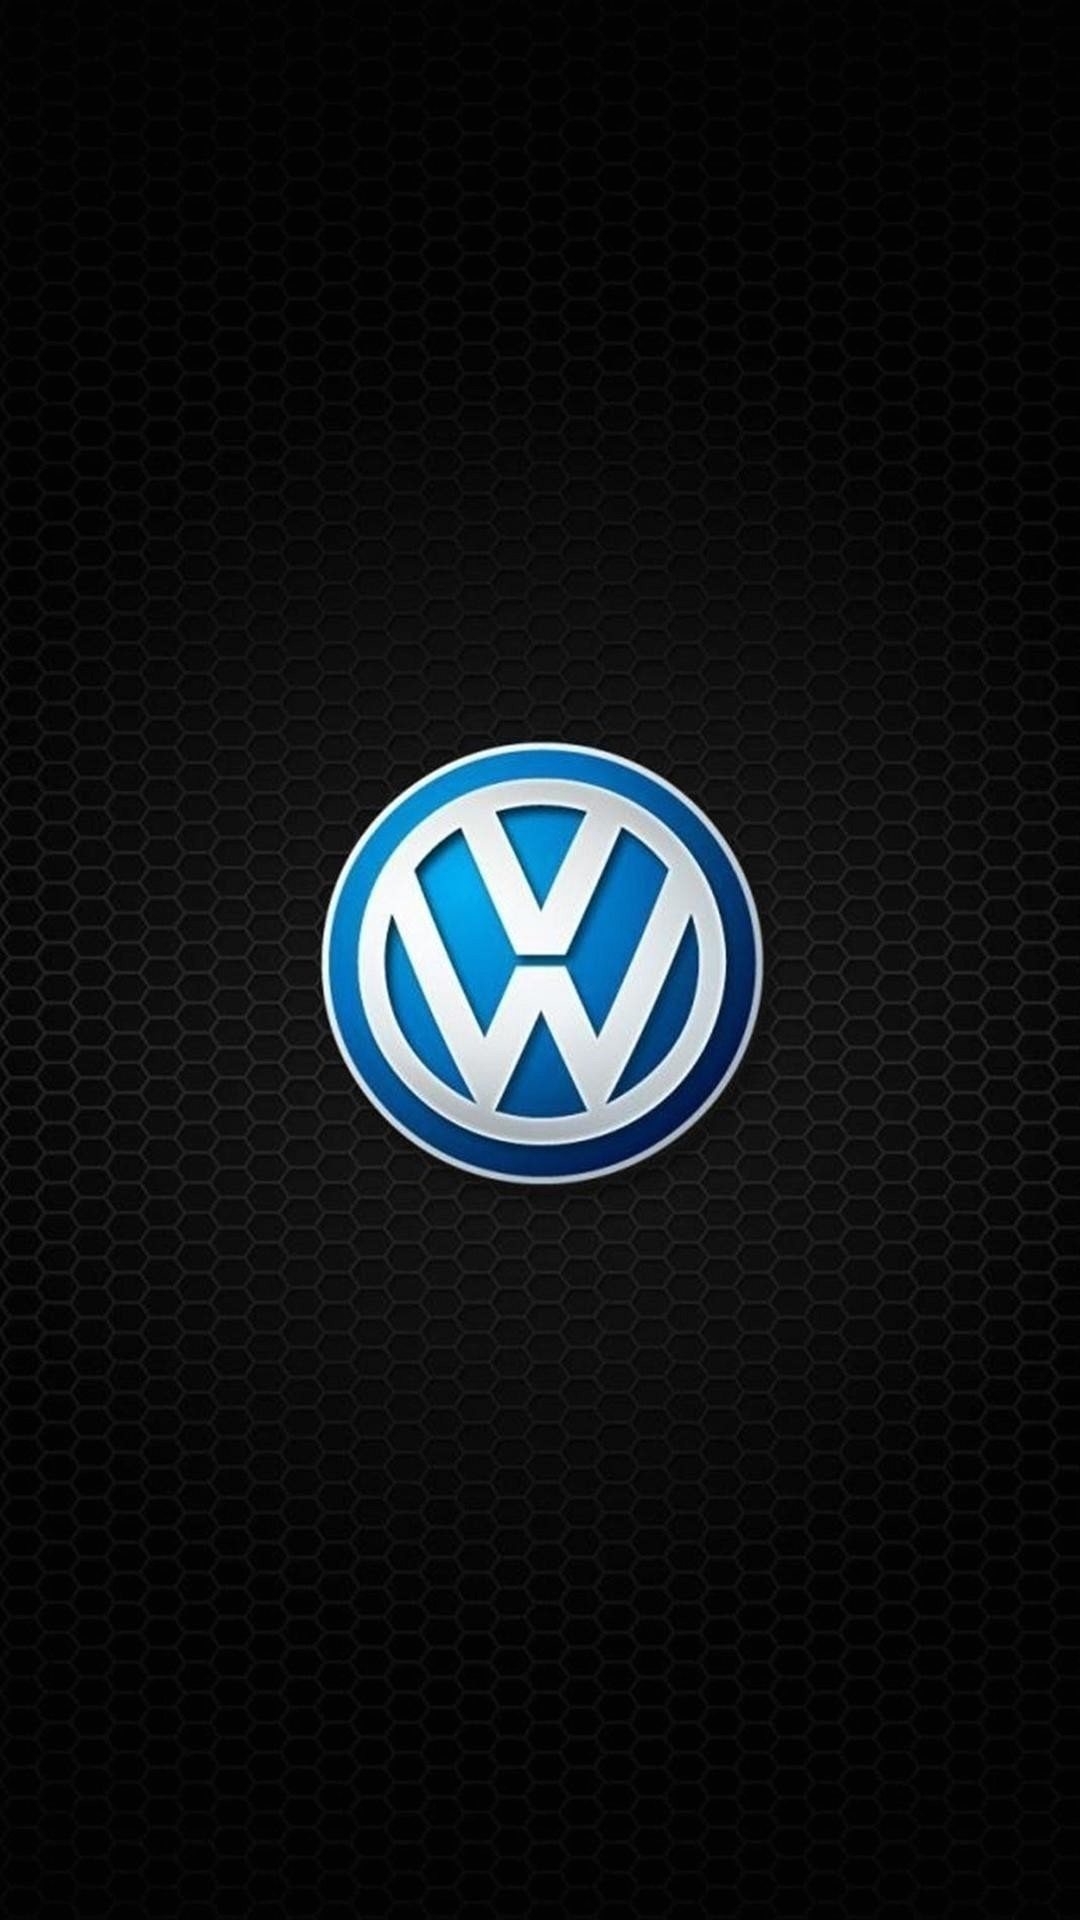 Volkswagen Logo Wallpaper 58 Images